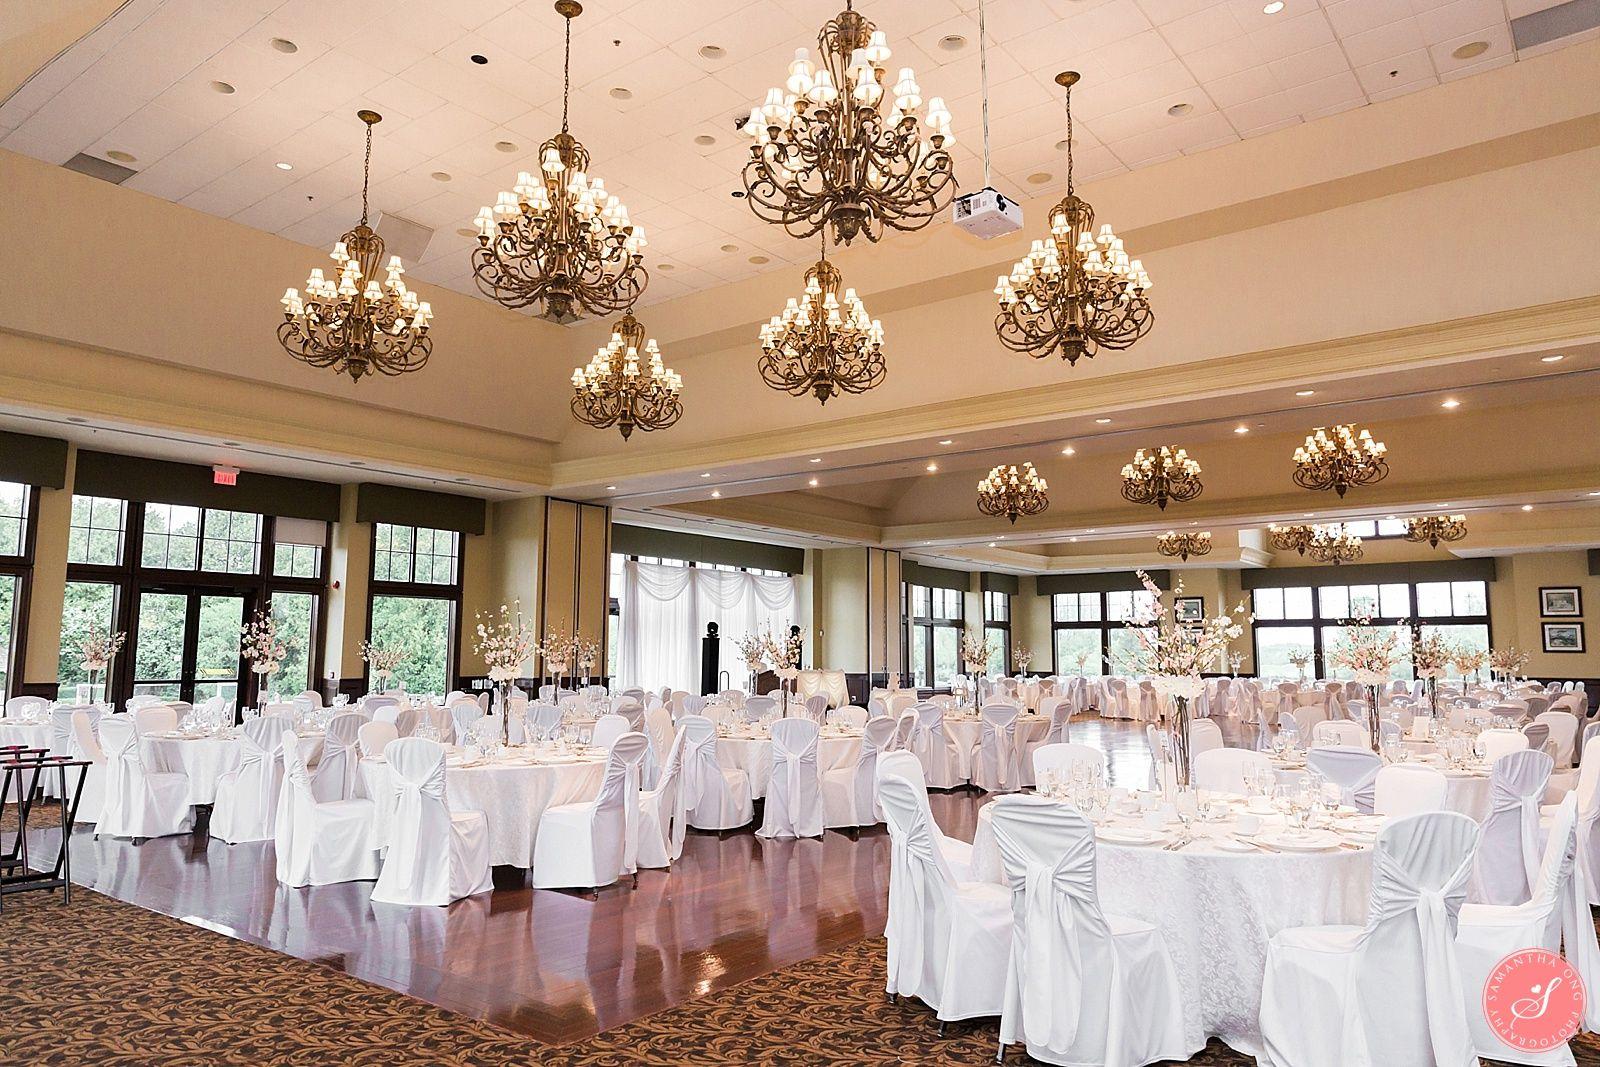 12+ Baxter creek golf club weddings ideas